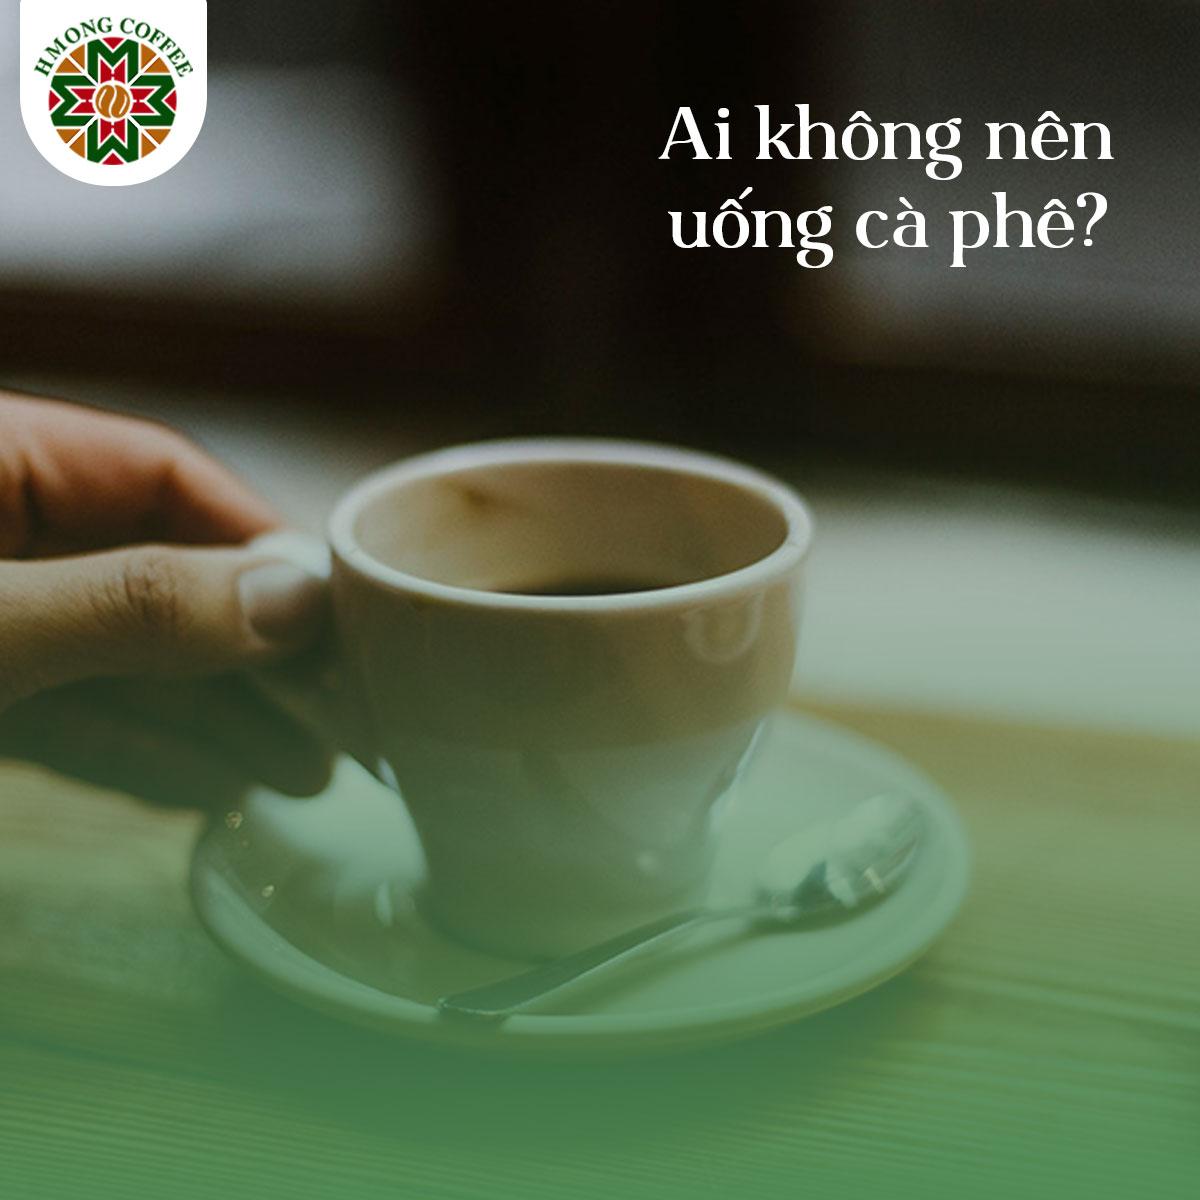 Những người mắc các bệnh về tim mạch, thận, phụ nữ mang thai không nên uống cà phê